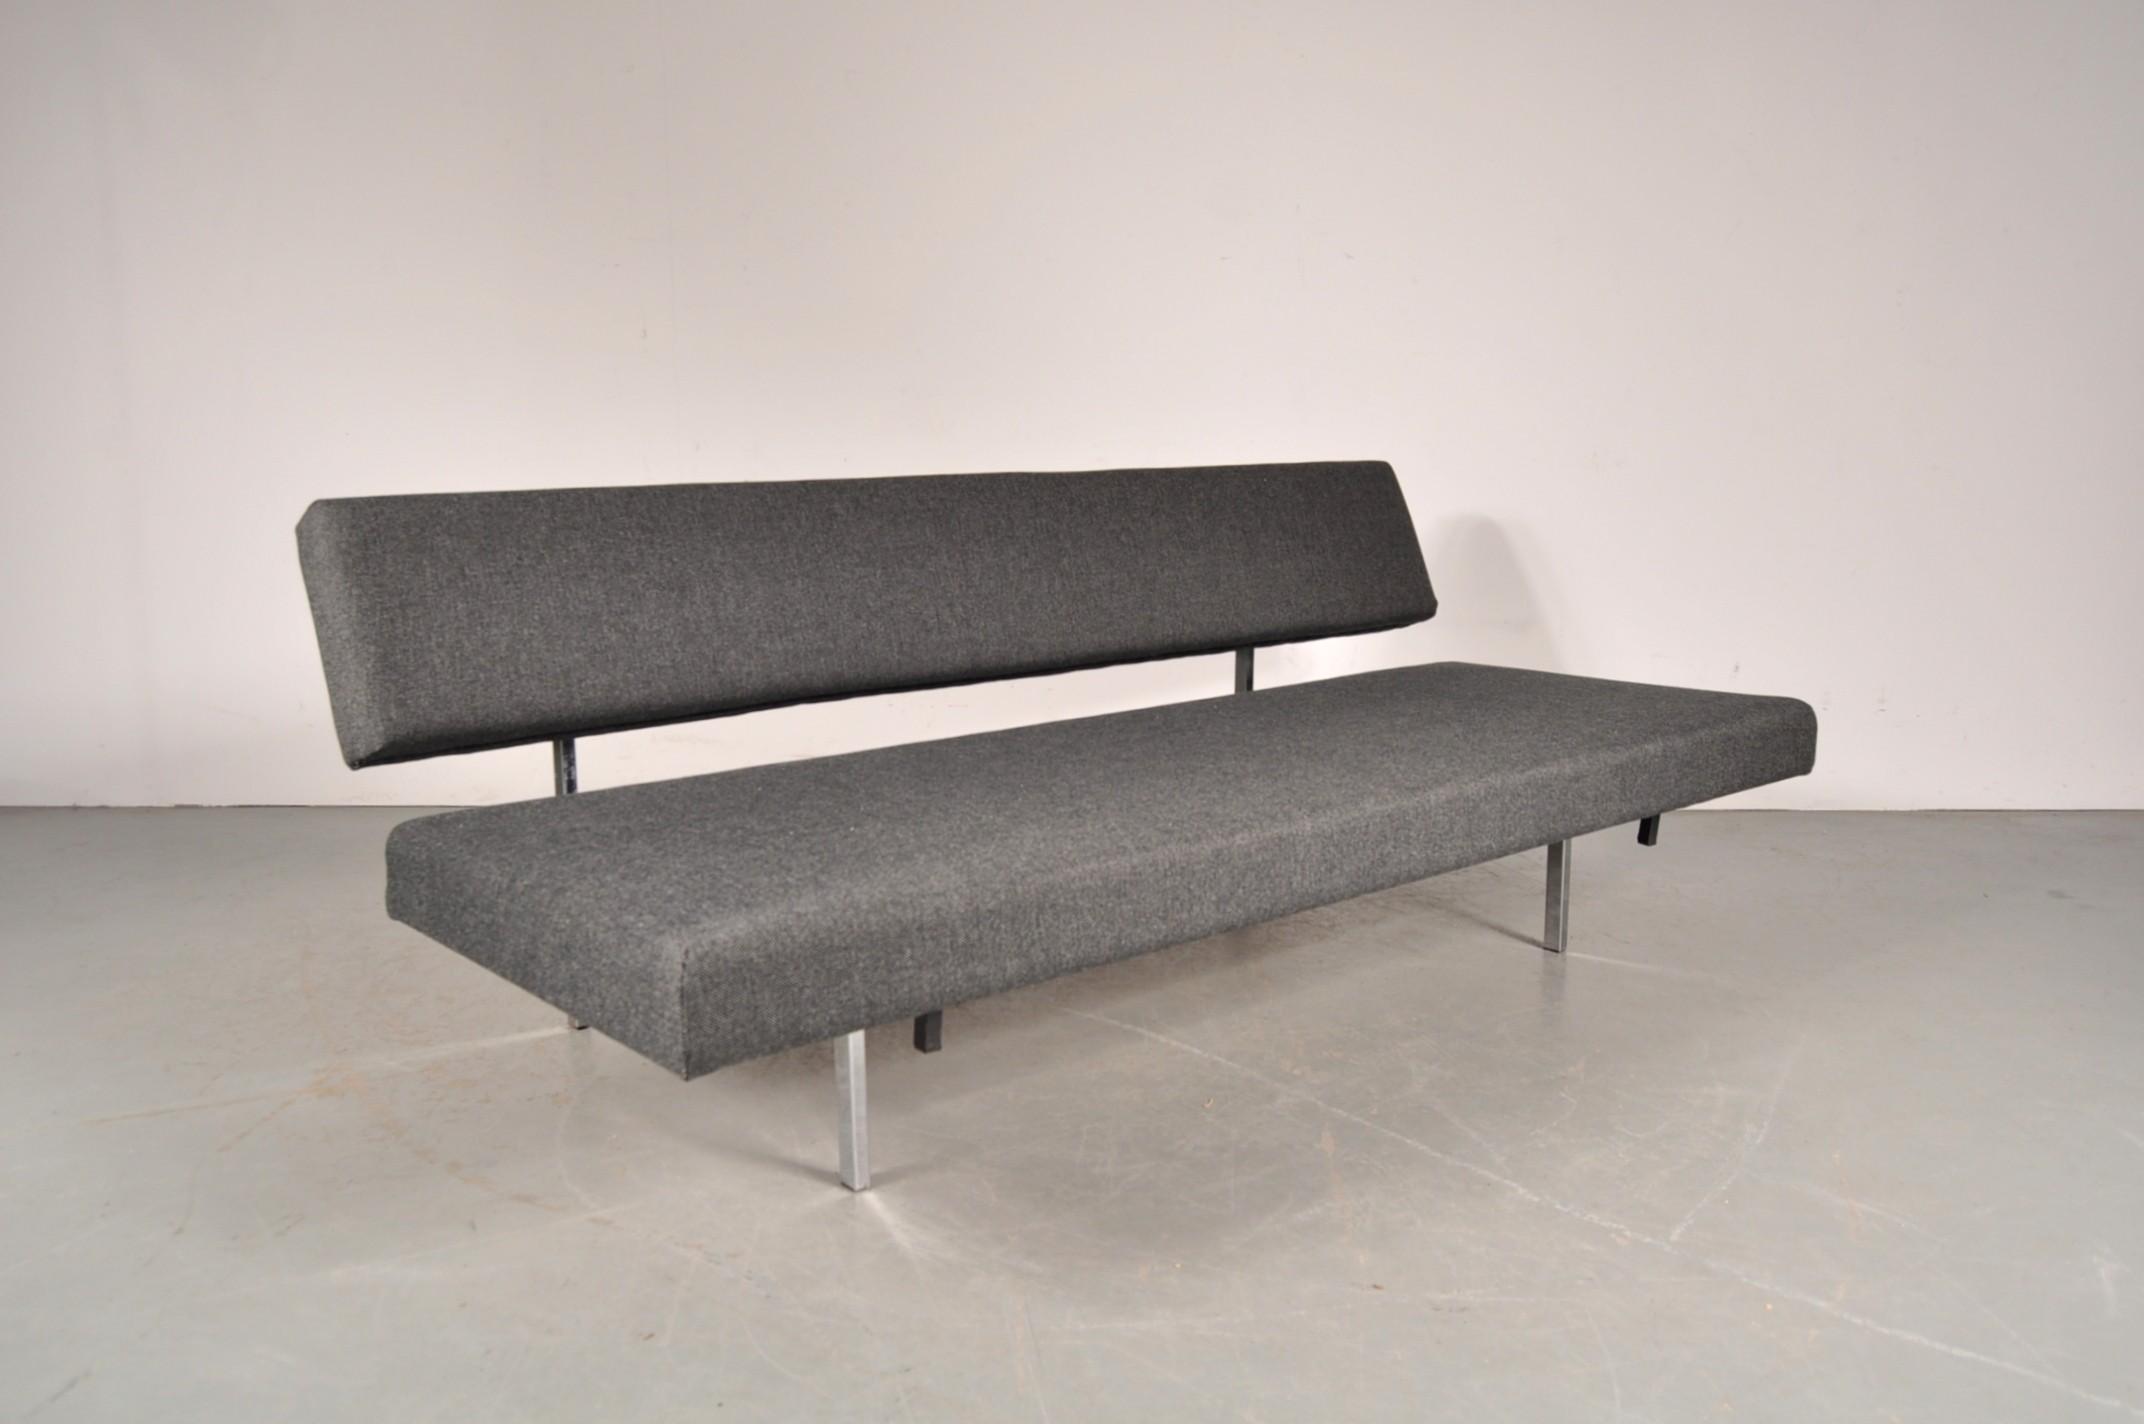 Gispen sleeping sofa Gijs VAN DER SLUIS 1950s Design Market